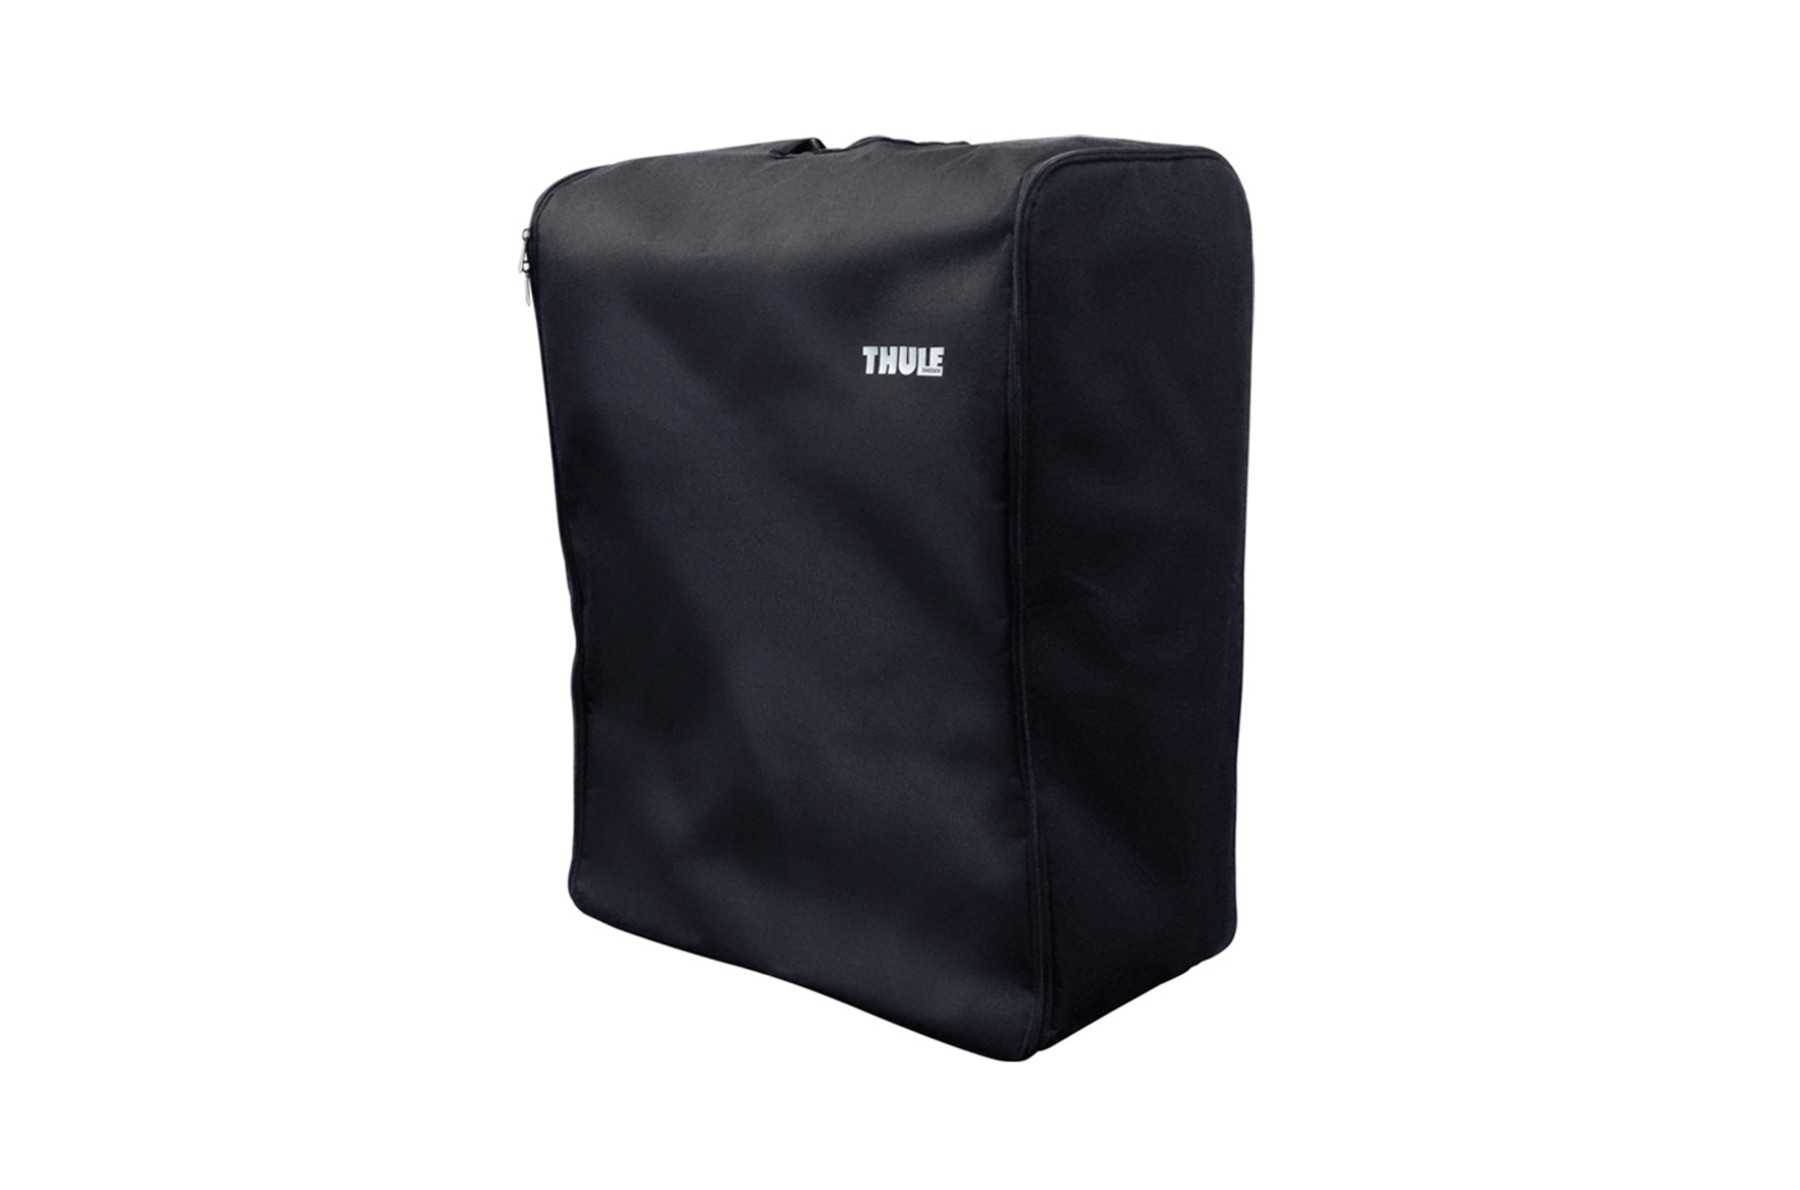 Thule Tasche EasyFold XT 2 (933)